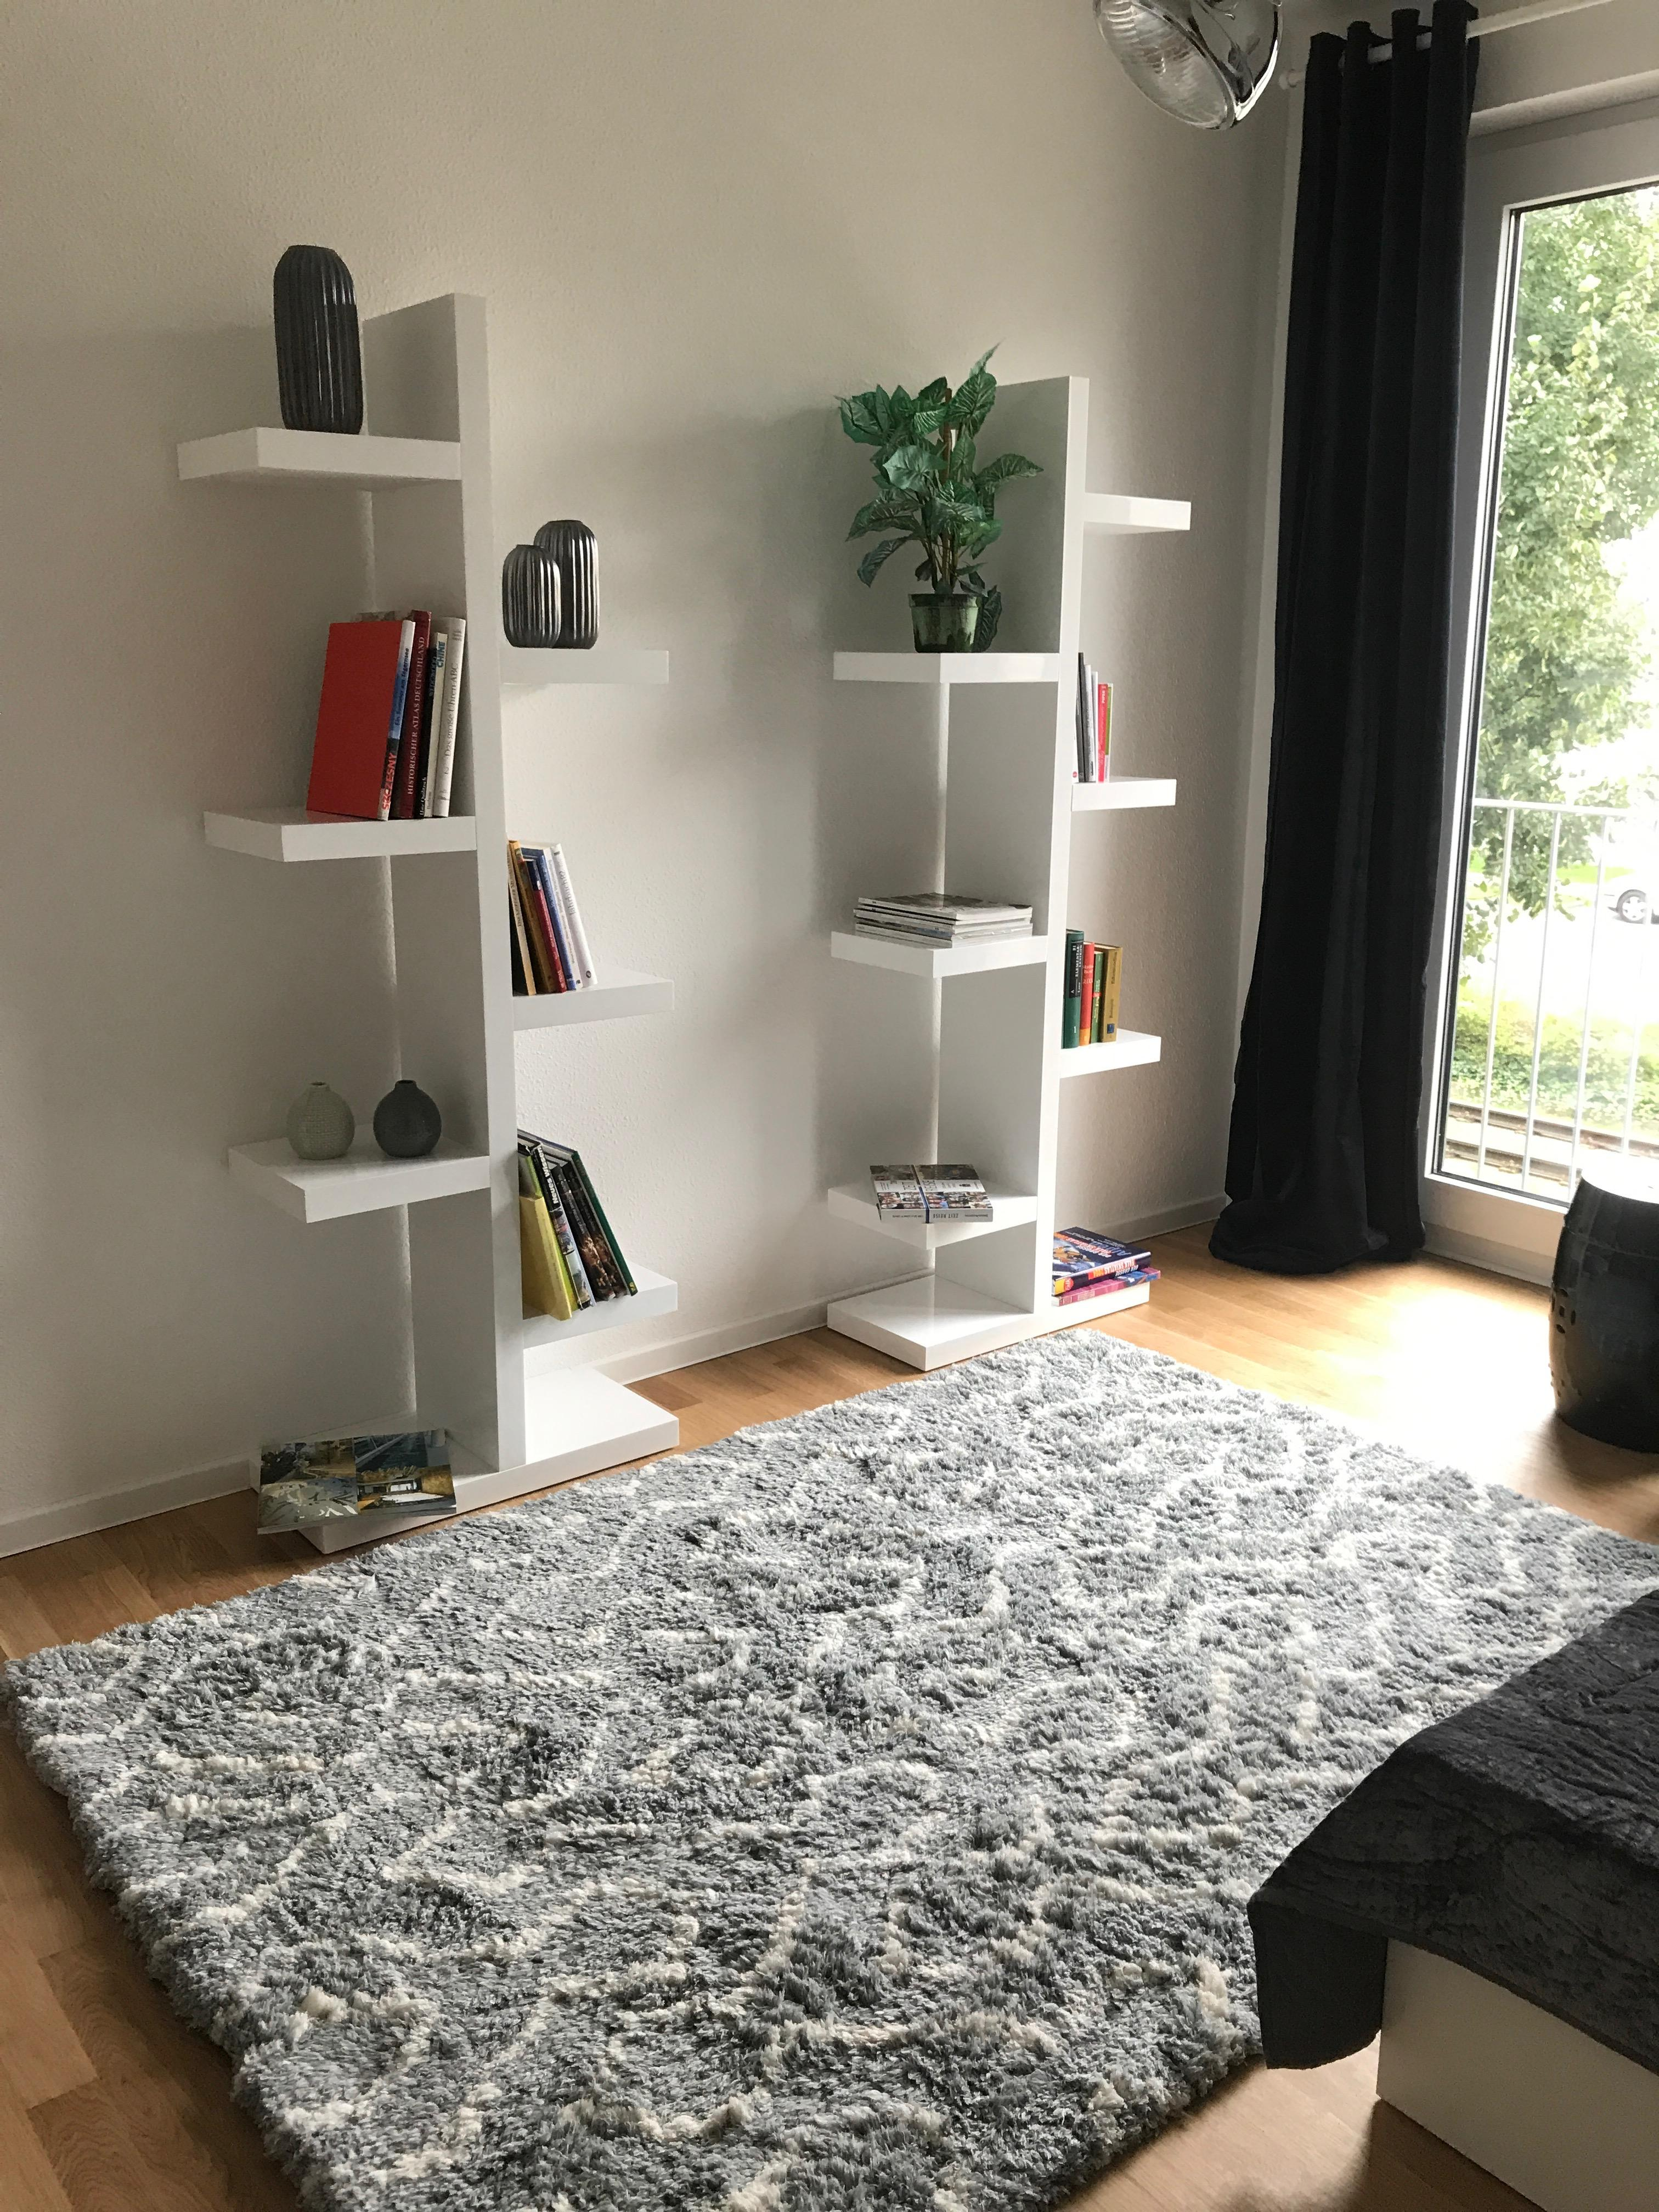 Jugendzimmer bilder ideen couchstyle for Jugendzimmer 10 qm einrichten